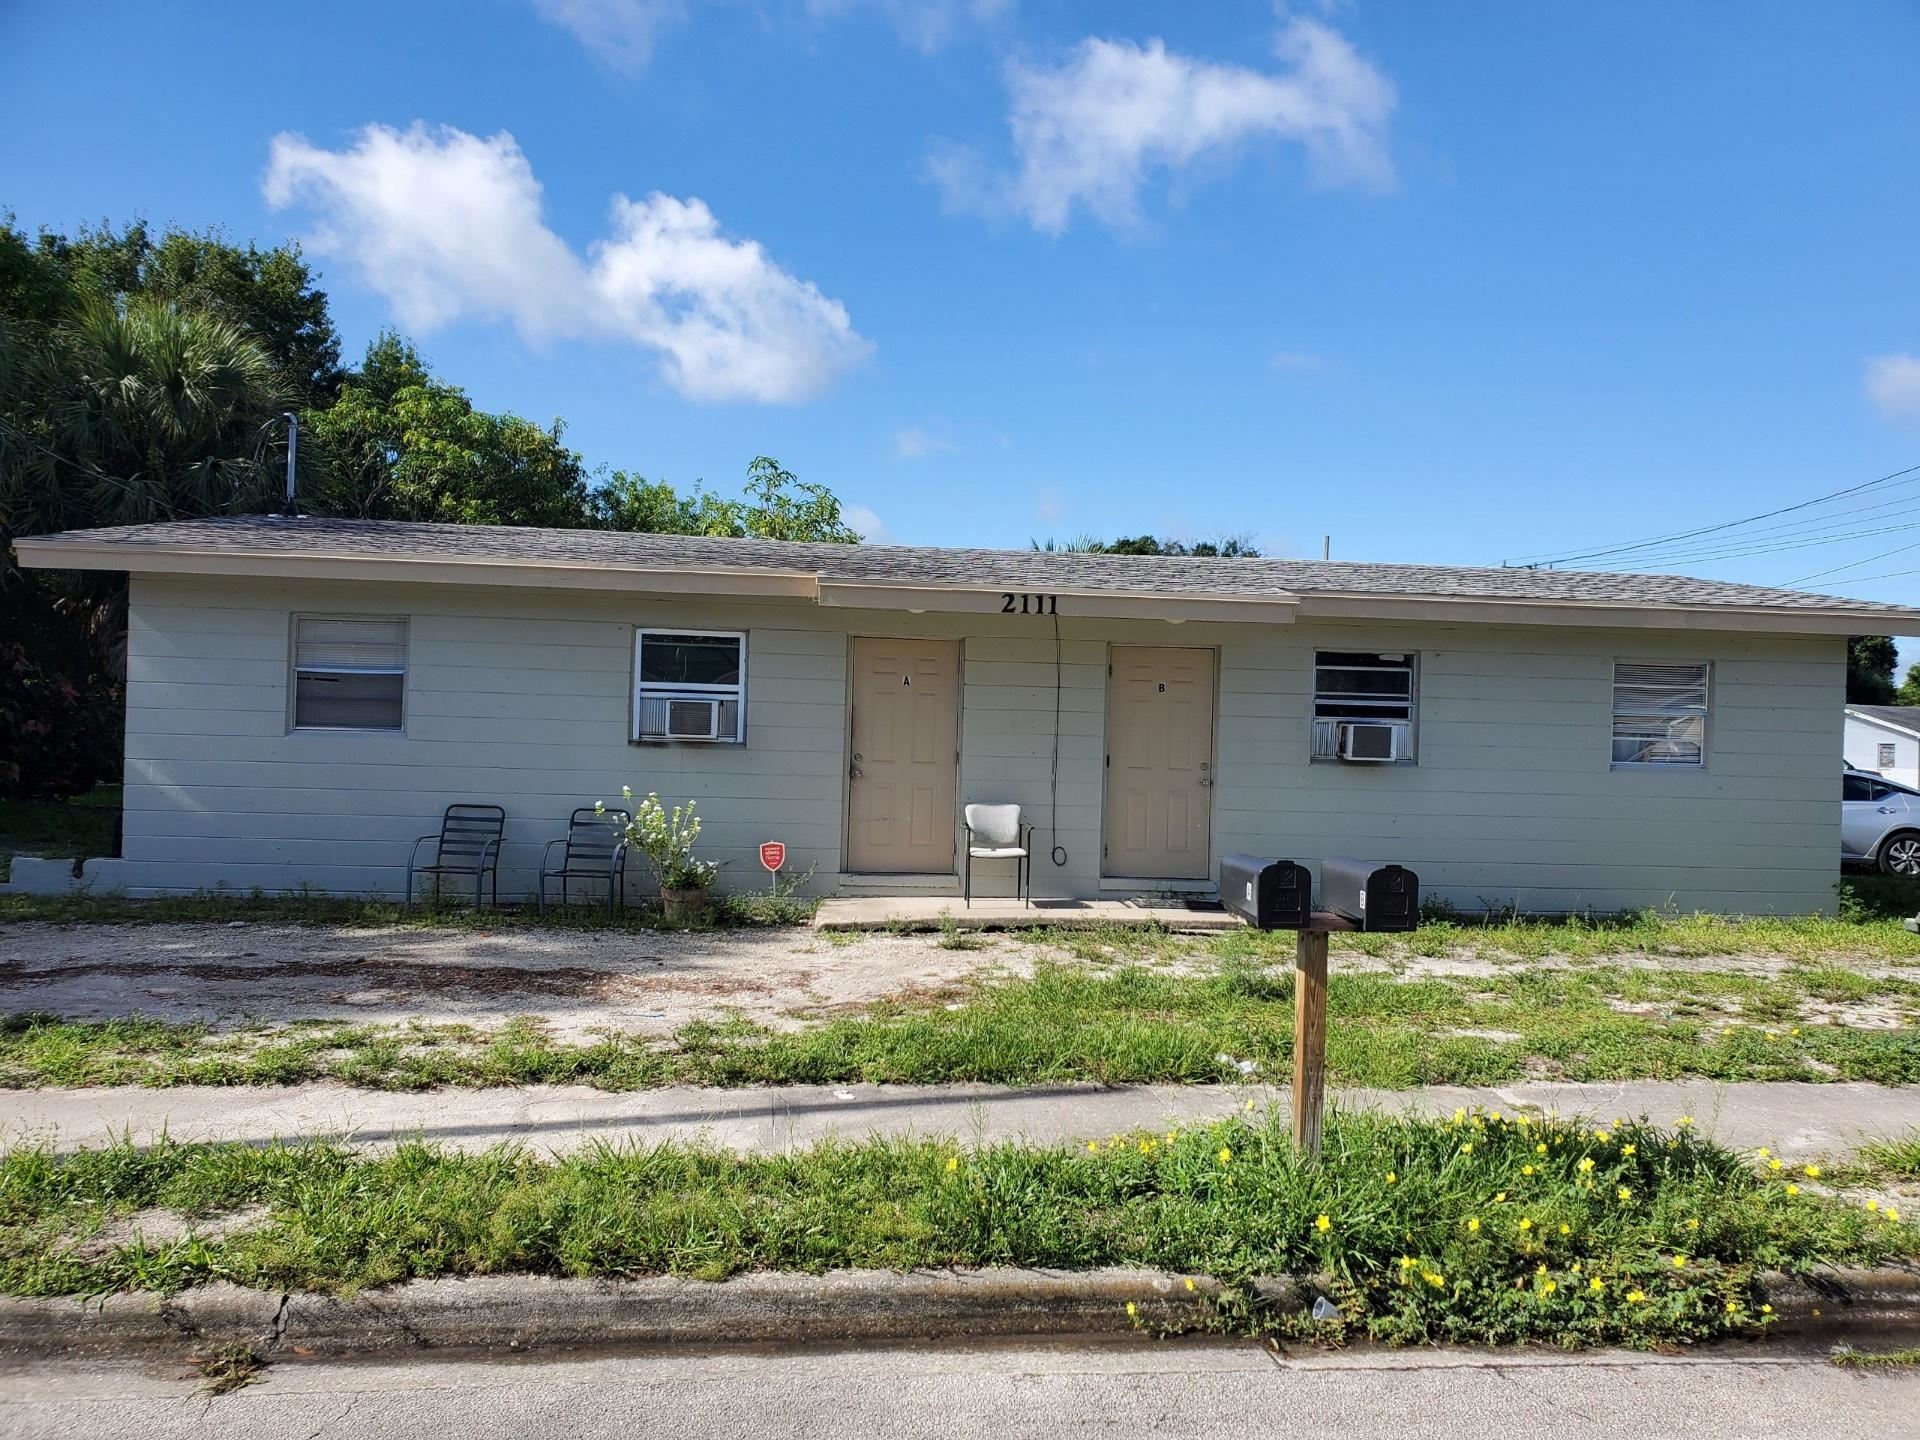 2111 Avenue  G, Fort Pierce, FL 34950 - MLS#: RX-10730607